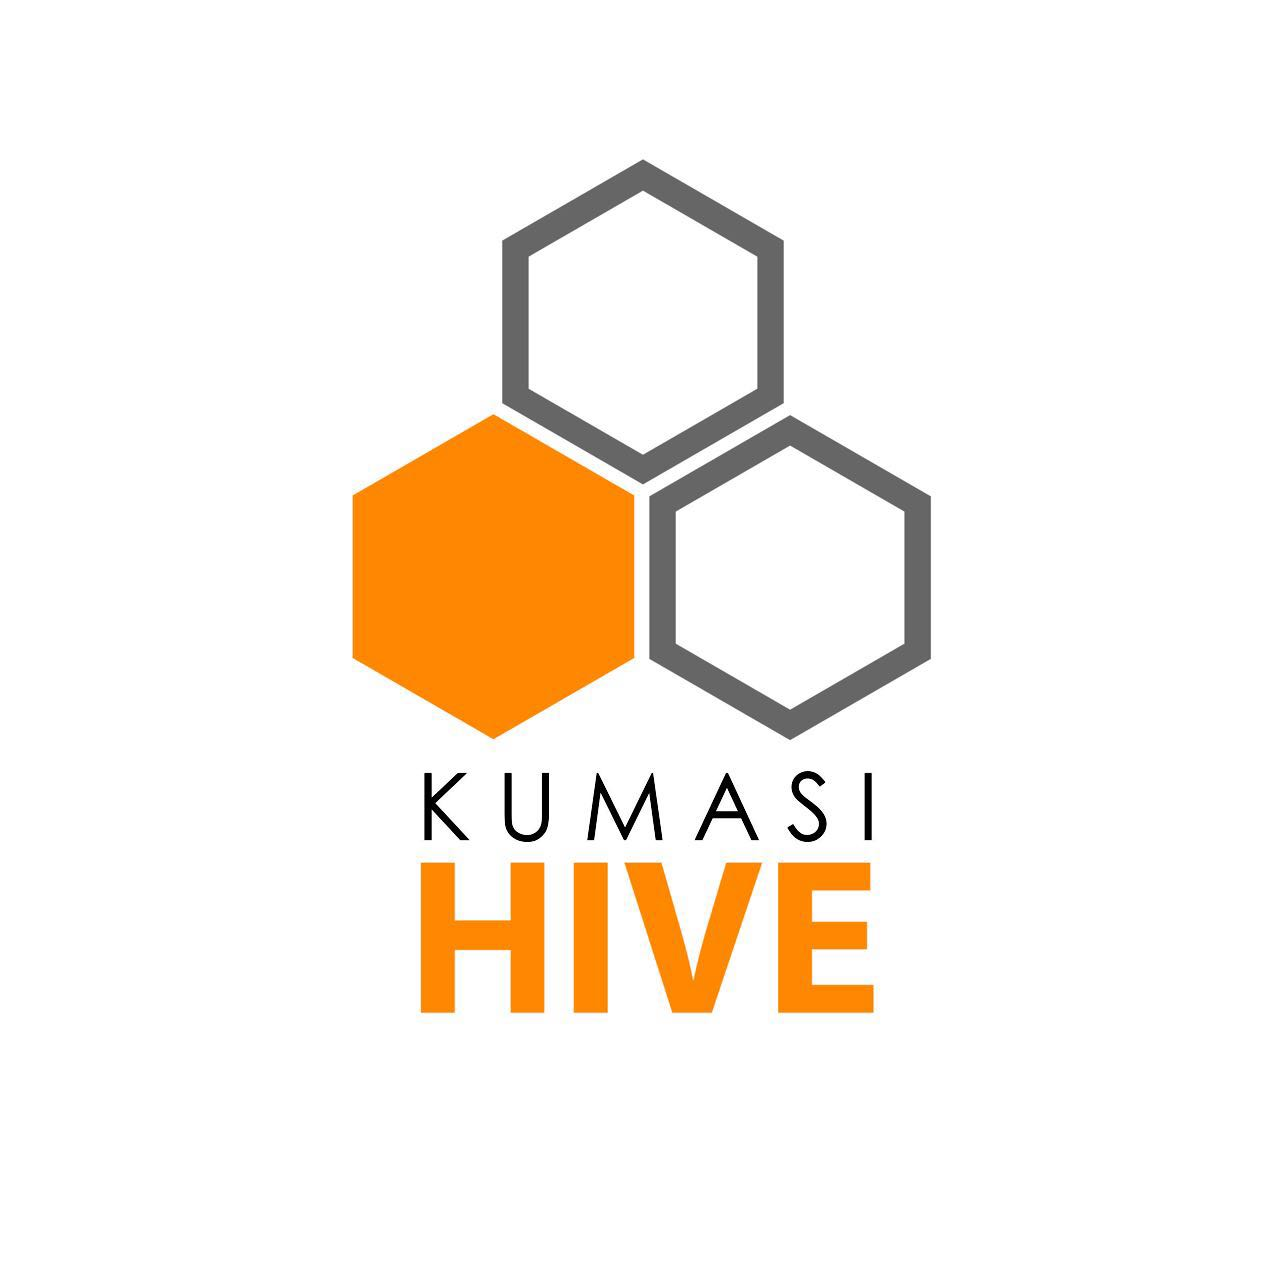 Kumasi Hive